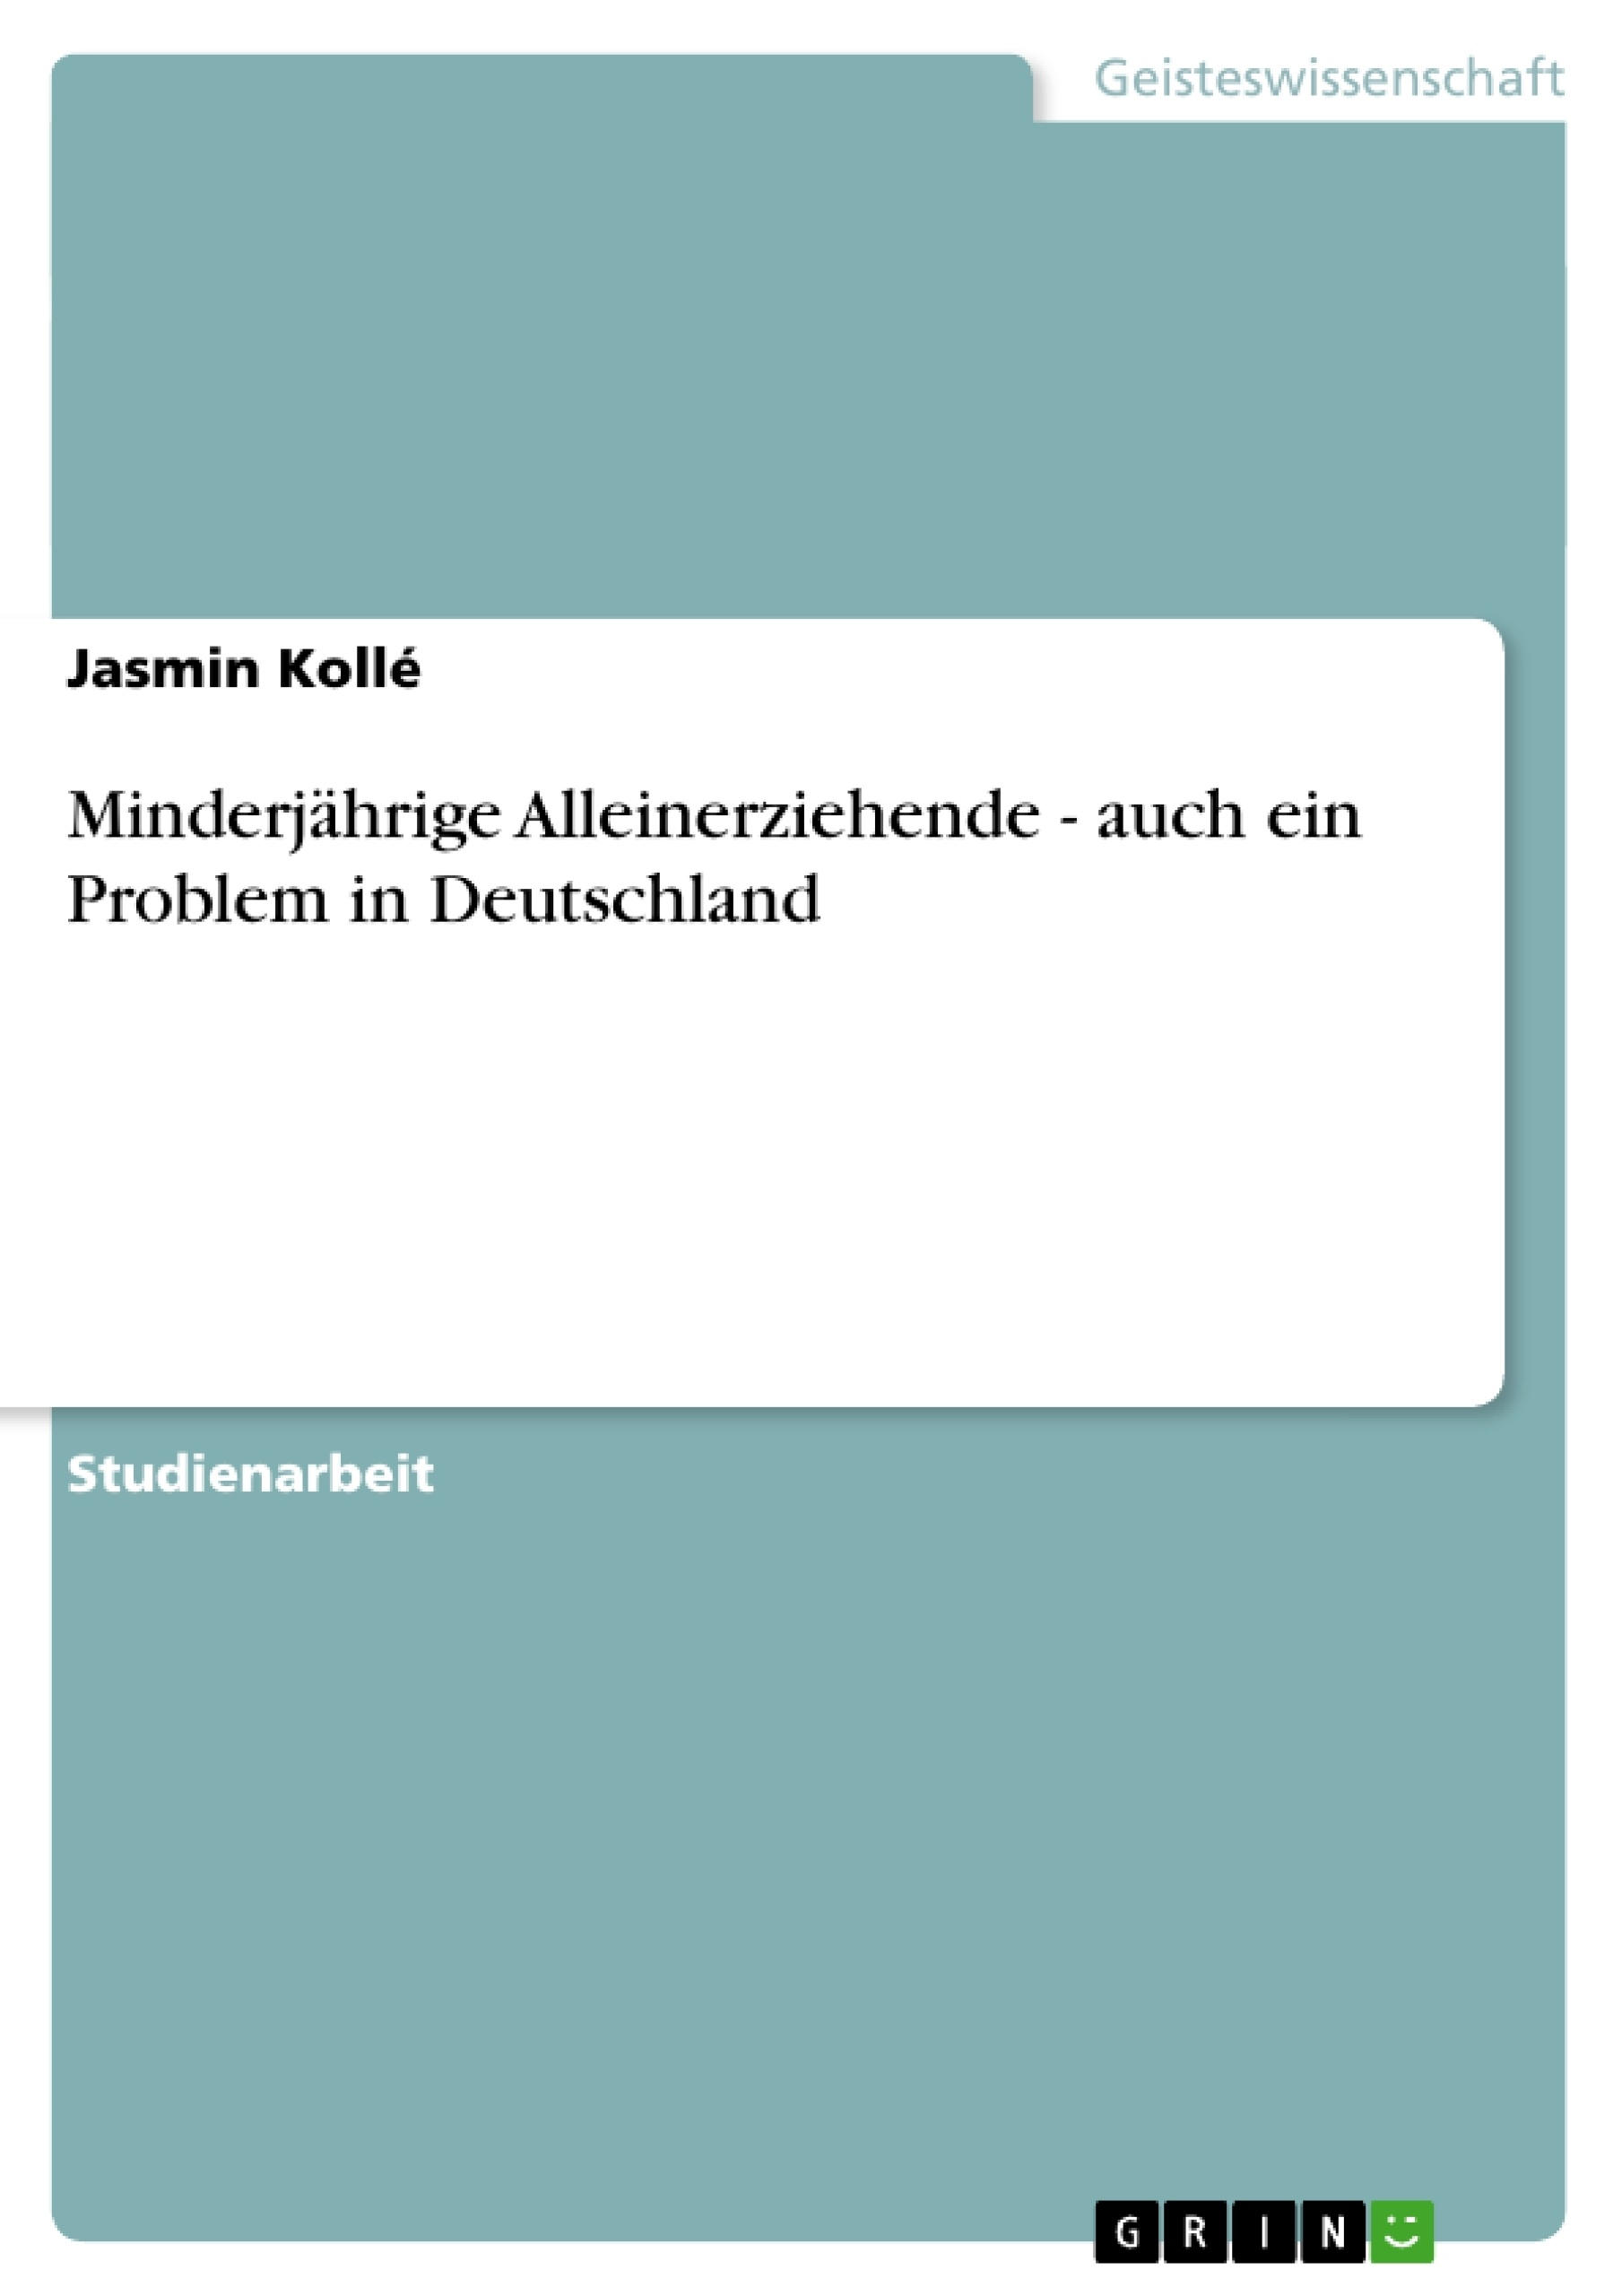 Titel: Minderjährige Alleinerziehende - auch ein Problem in Deutschland